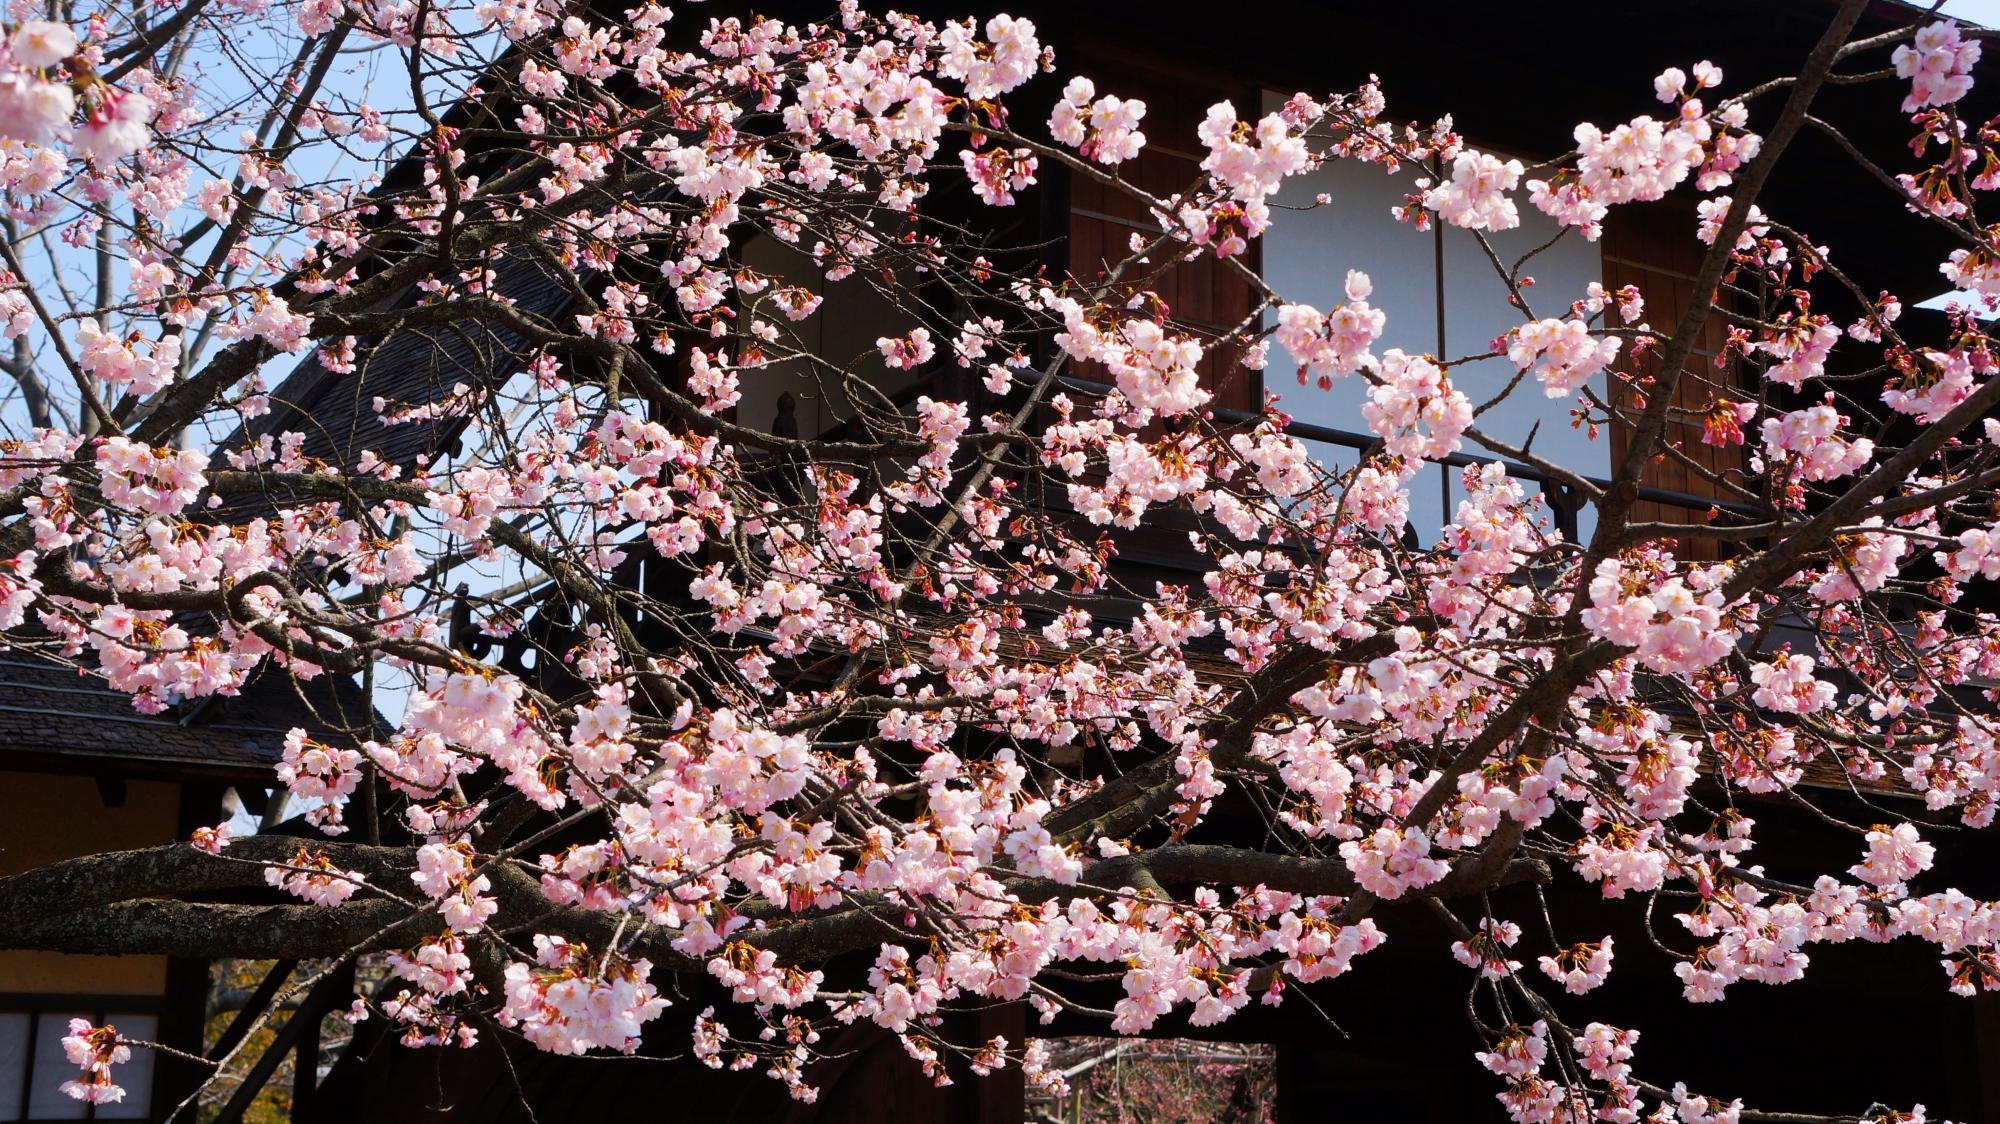 可憐な花をいっぱいつけて咲き誇る修善寺寒桜